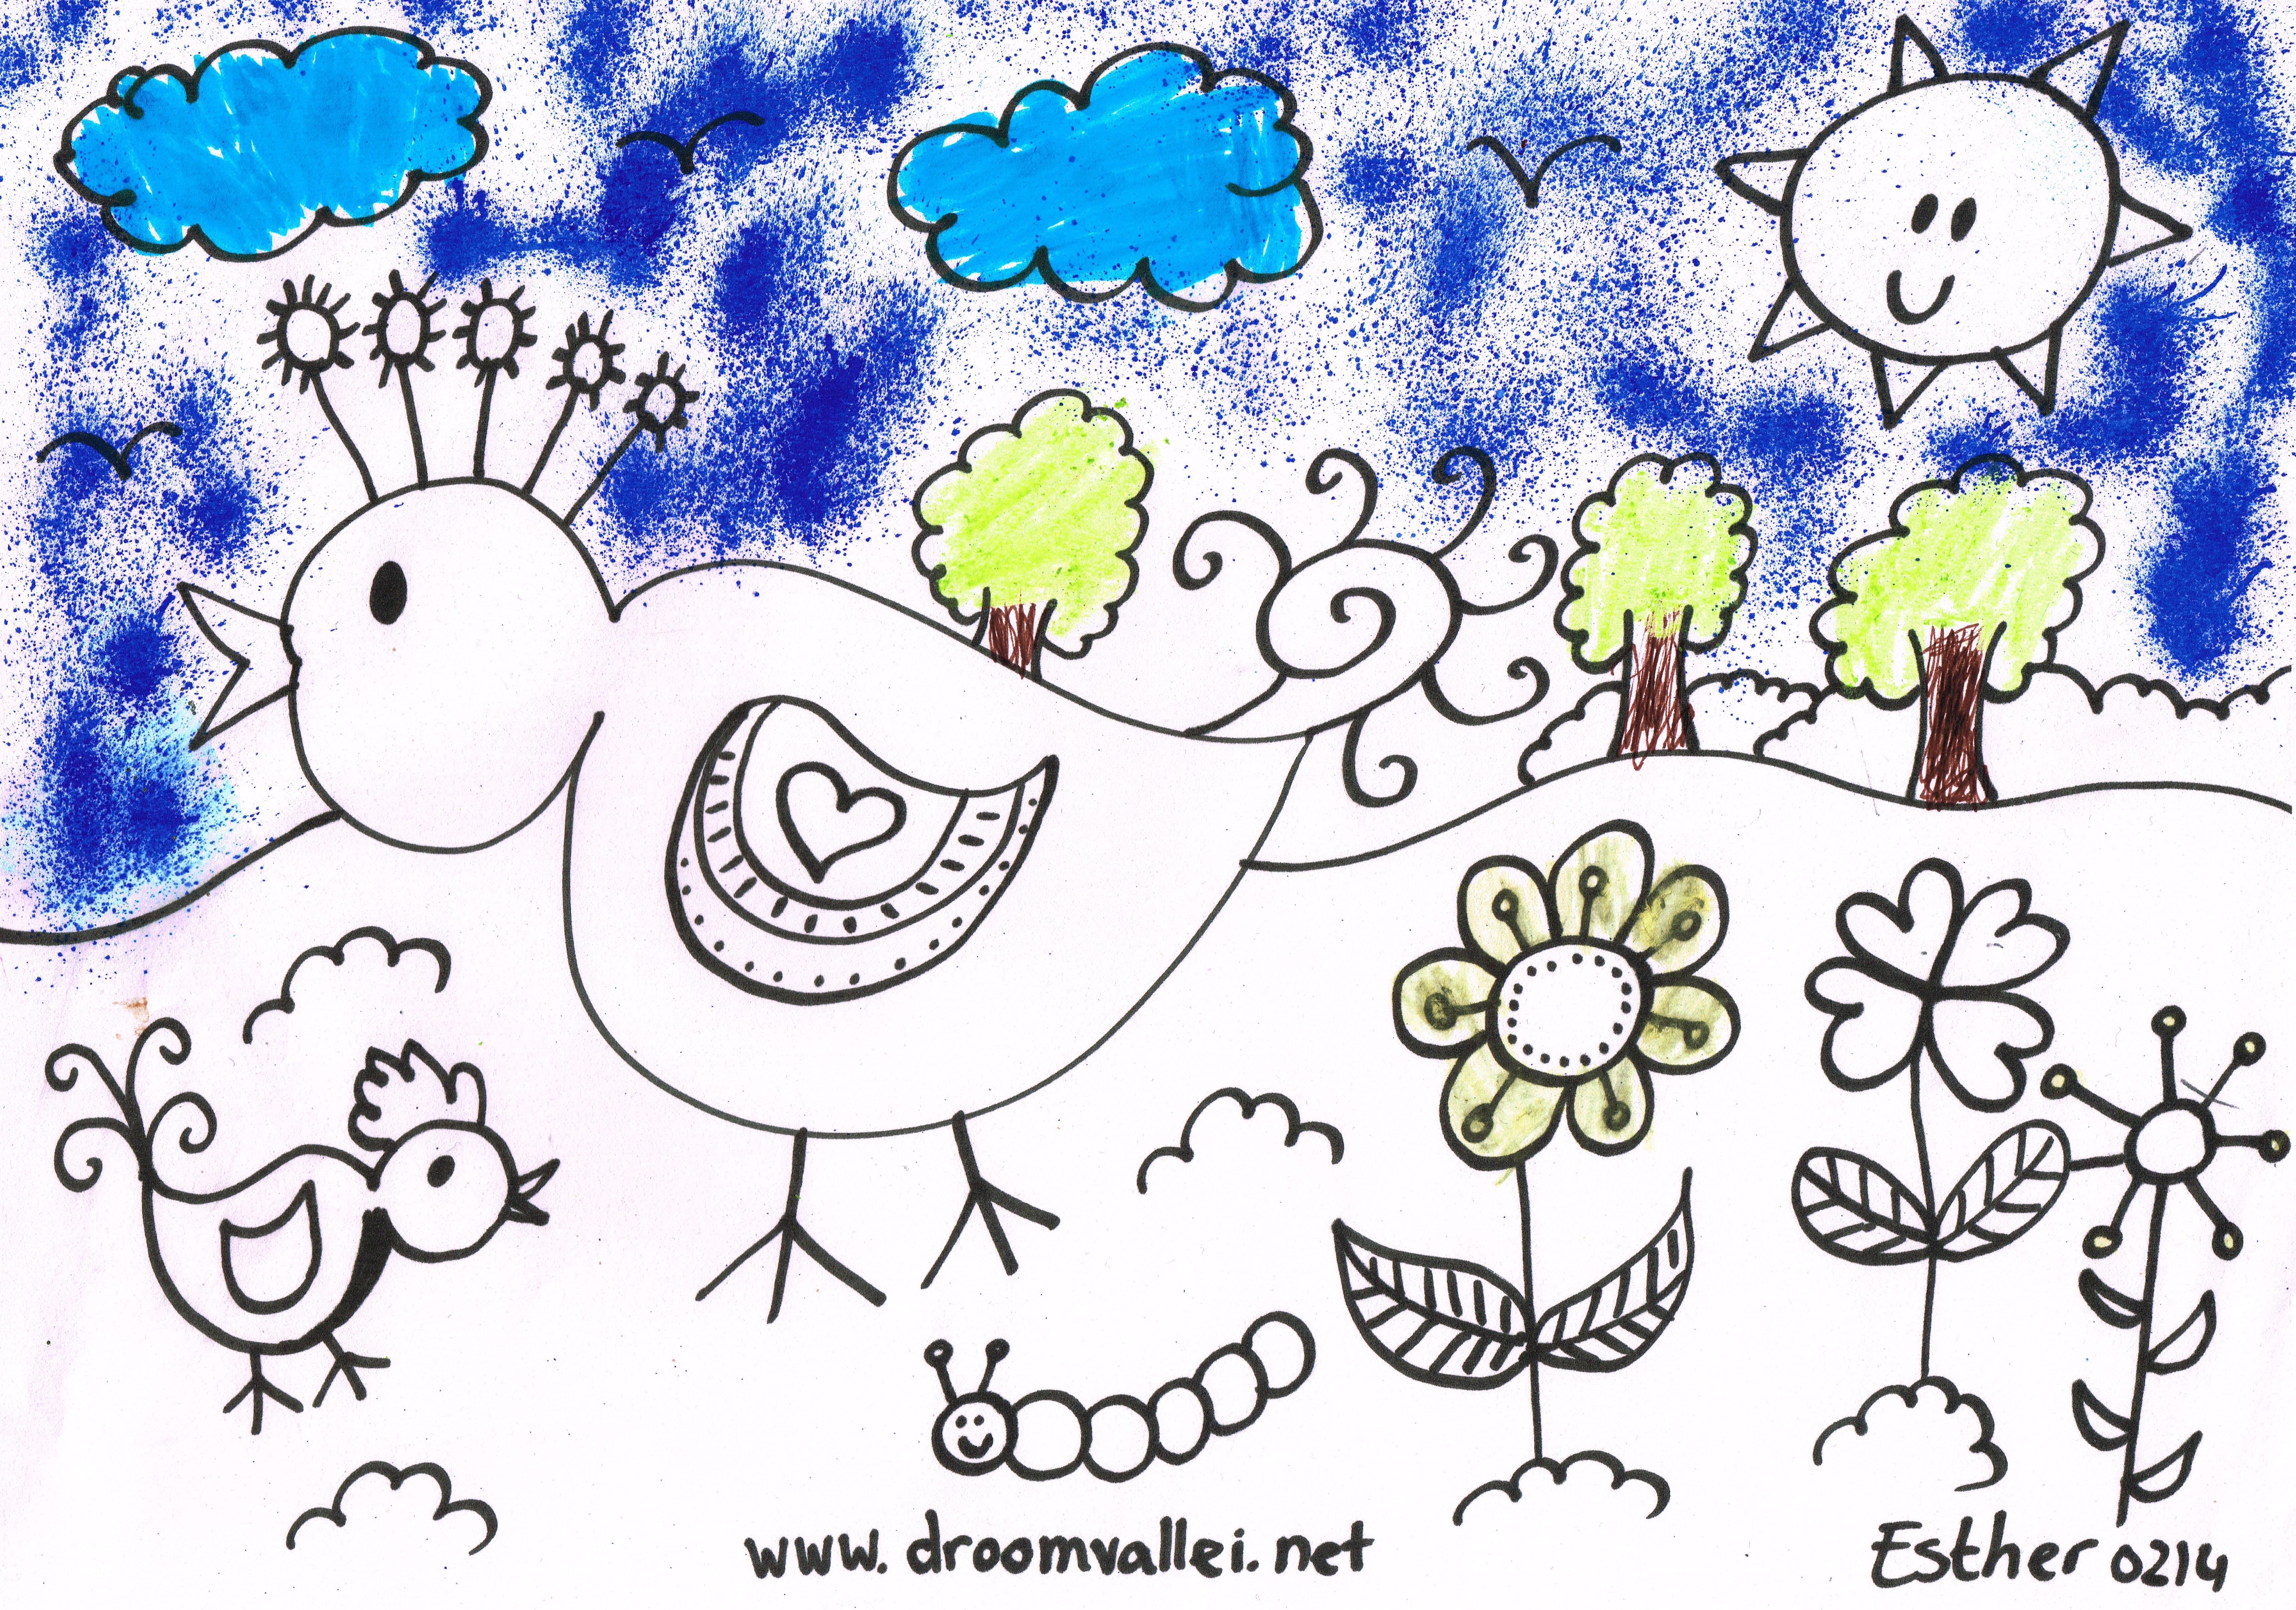 kinderboek – De Droomvallei